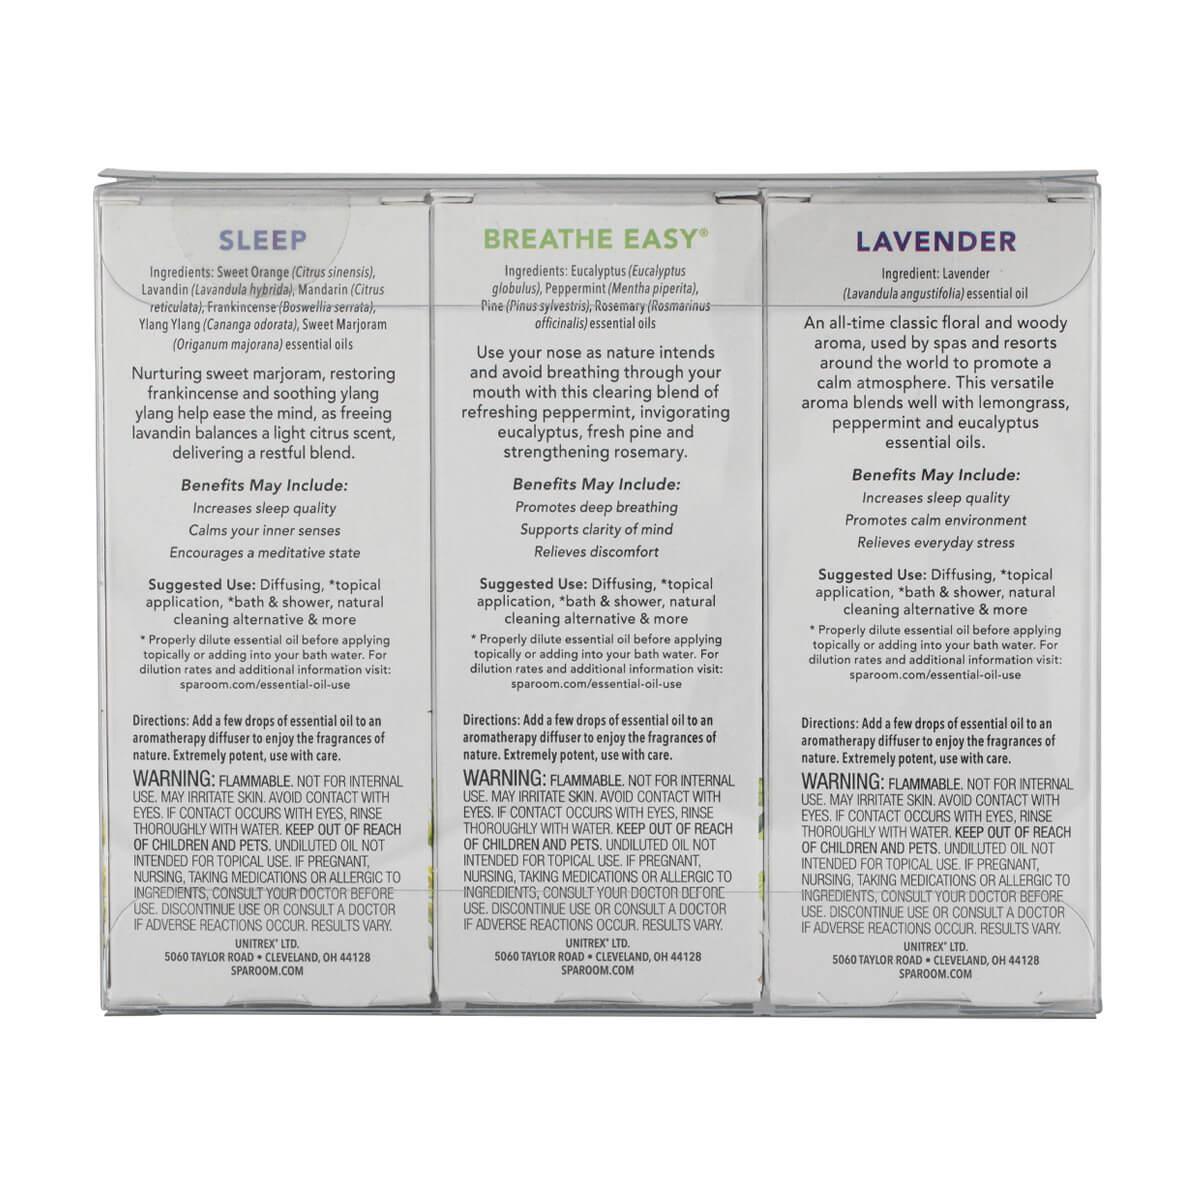 SpaRoom Essential Oils Sleep Set - back